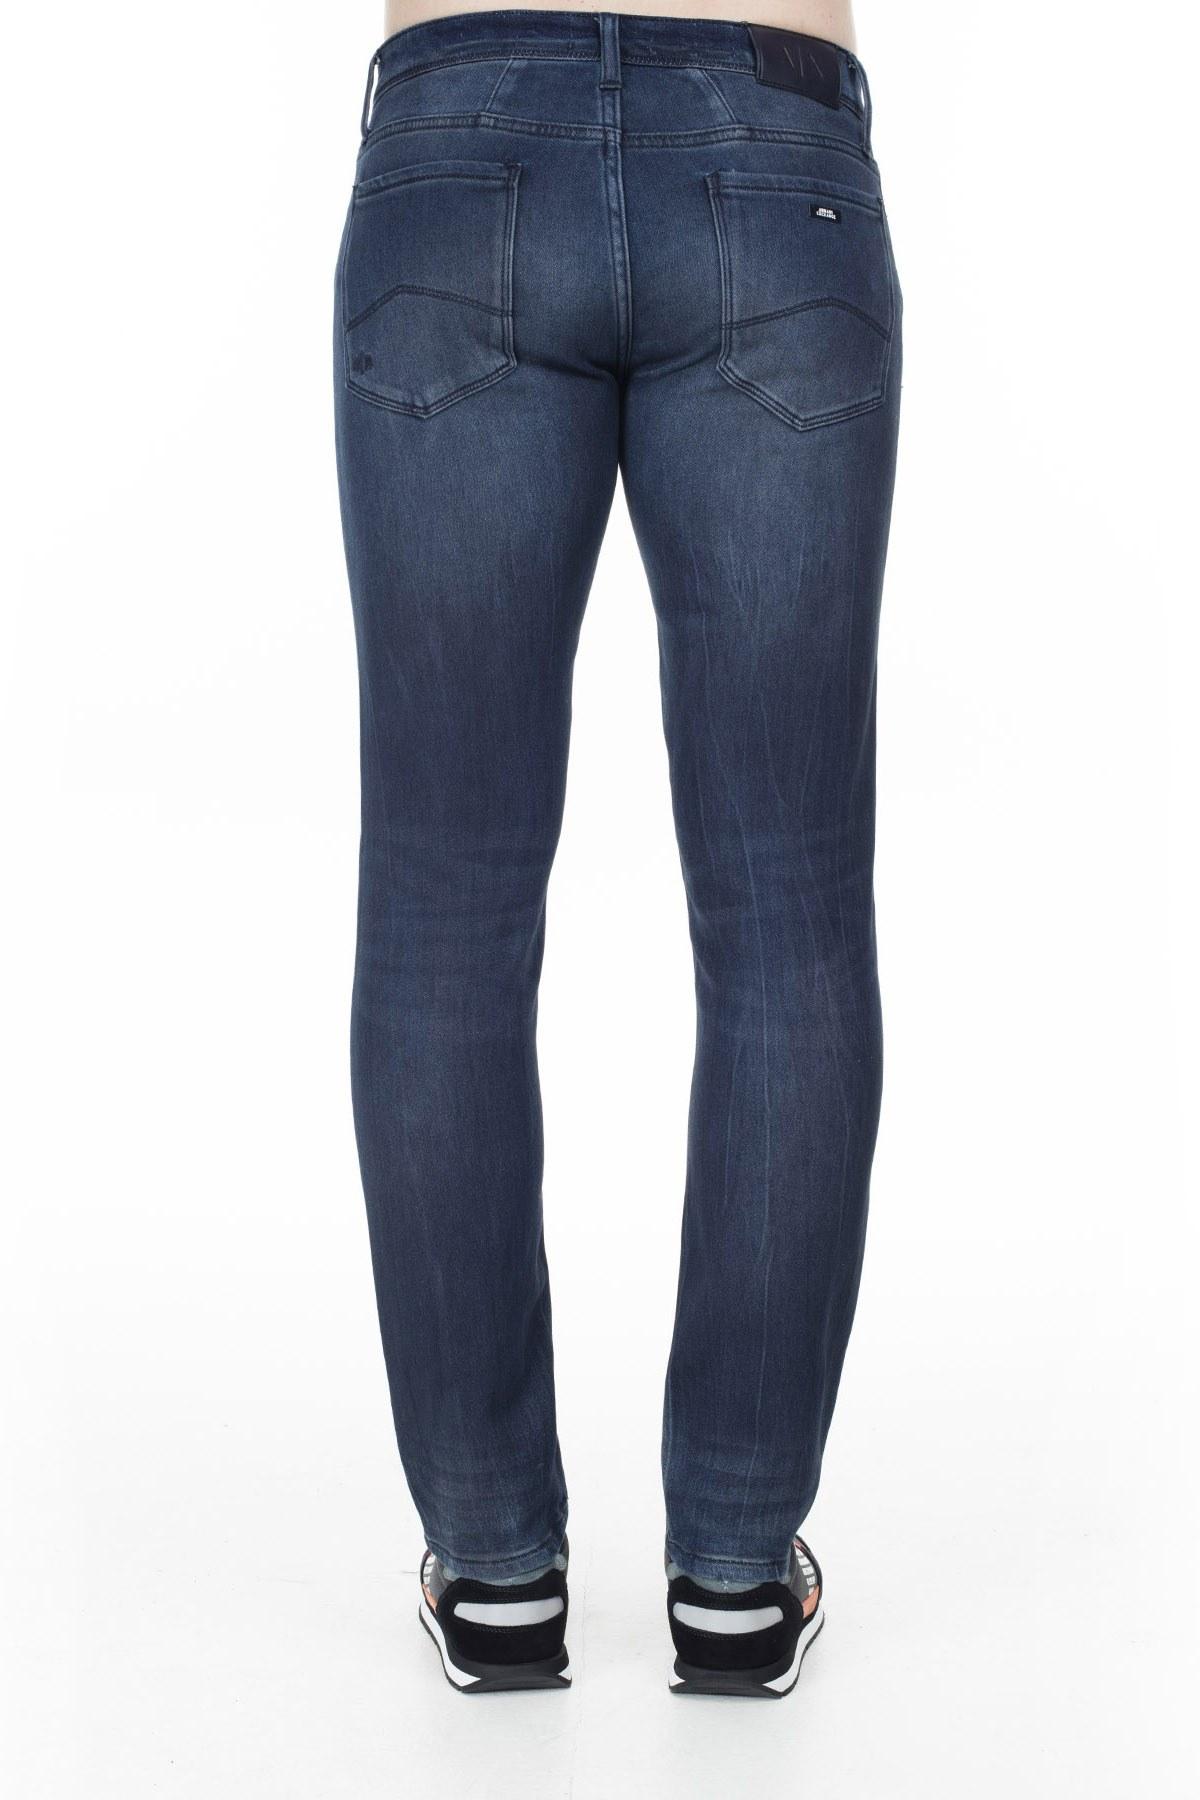 Armani Exchange J14 Jeans Erkek Kot Pantolon 6GZJ14 Z2KCZ 1500 LACİVERT